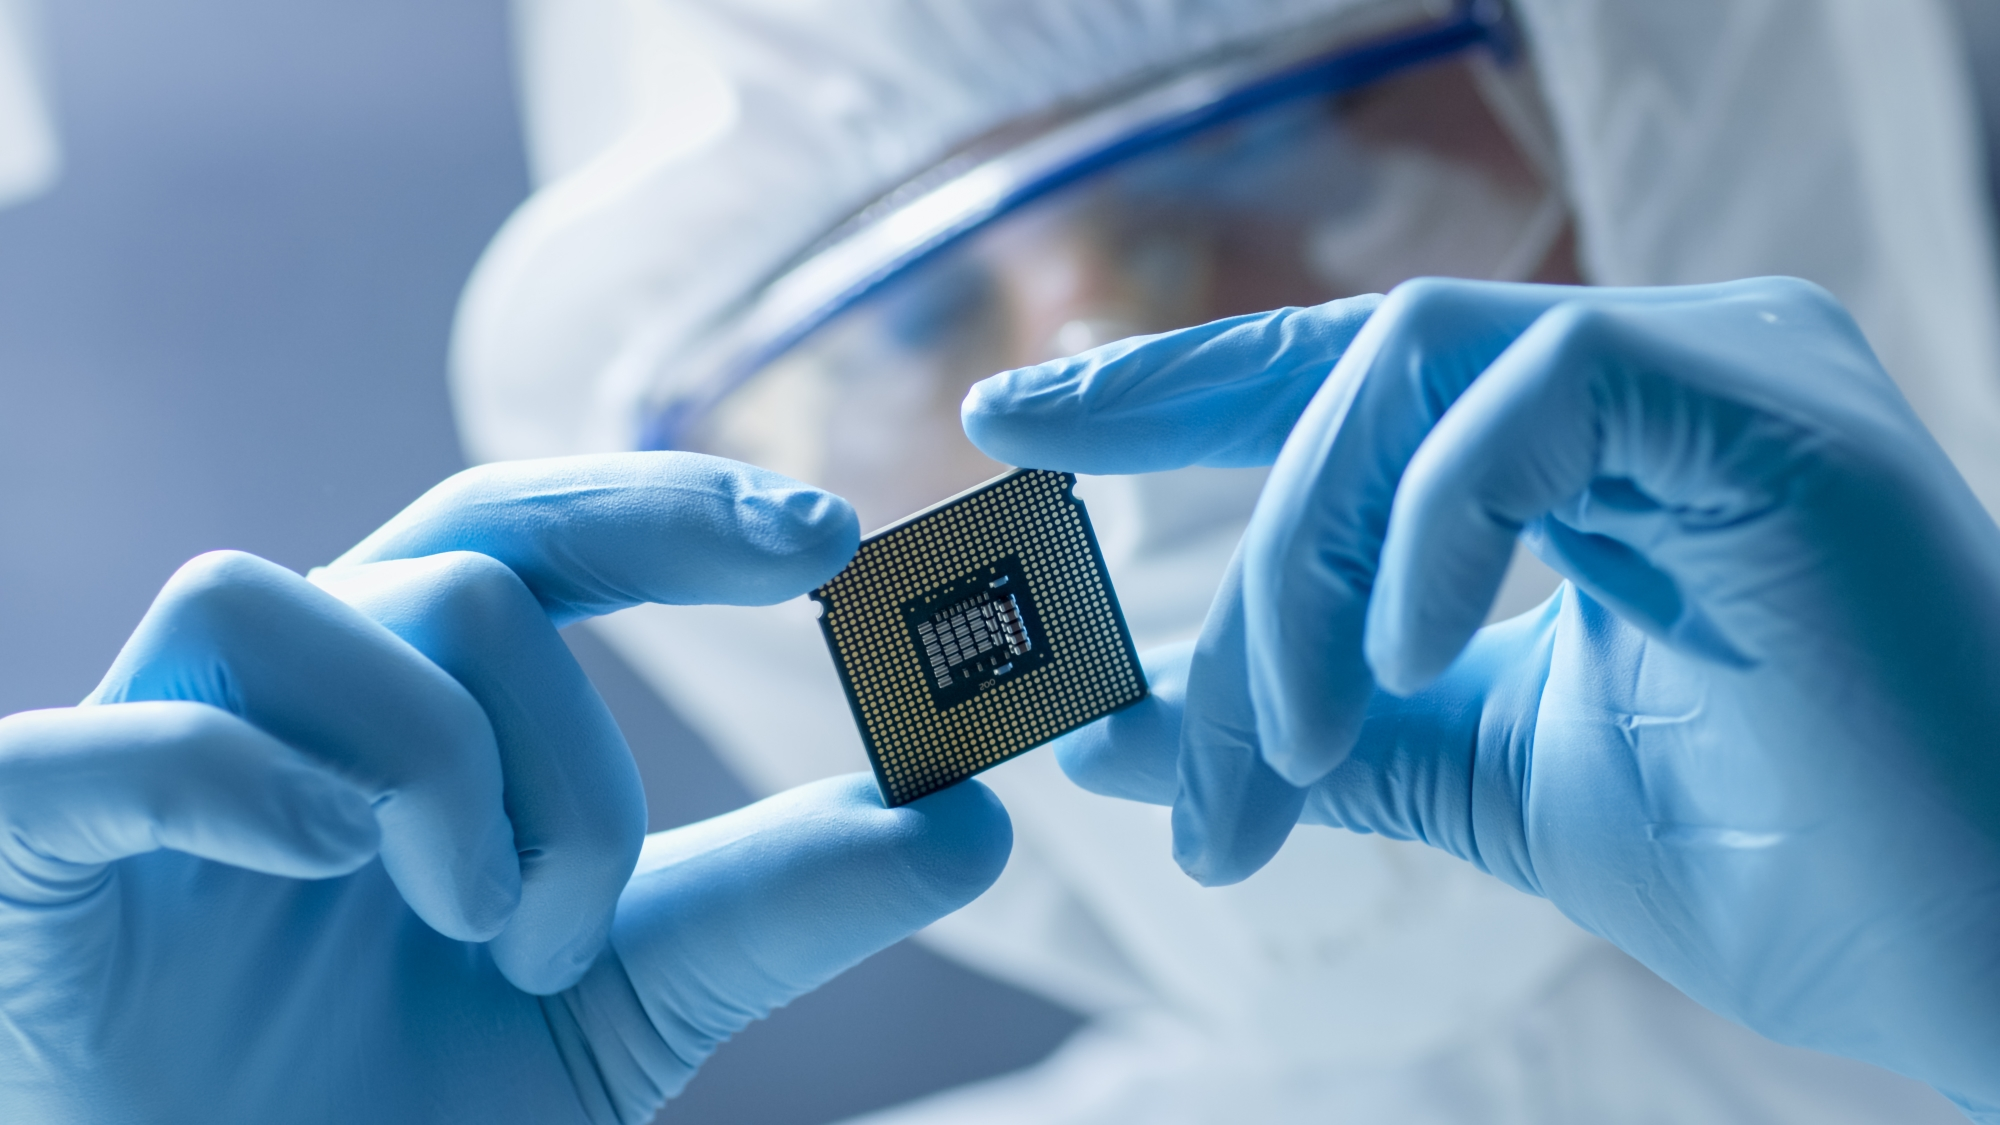 Technologia i umiejętności jej przemysłowego zastosowania będą w najbliższych latach jednym z najważniejszych pól relacji USA-ChRL Fot. Shutterstock